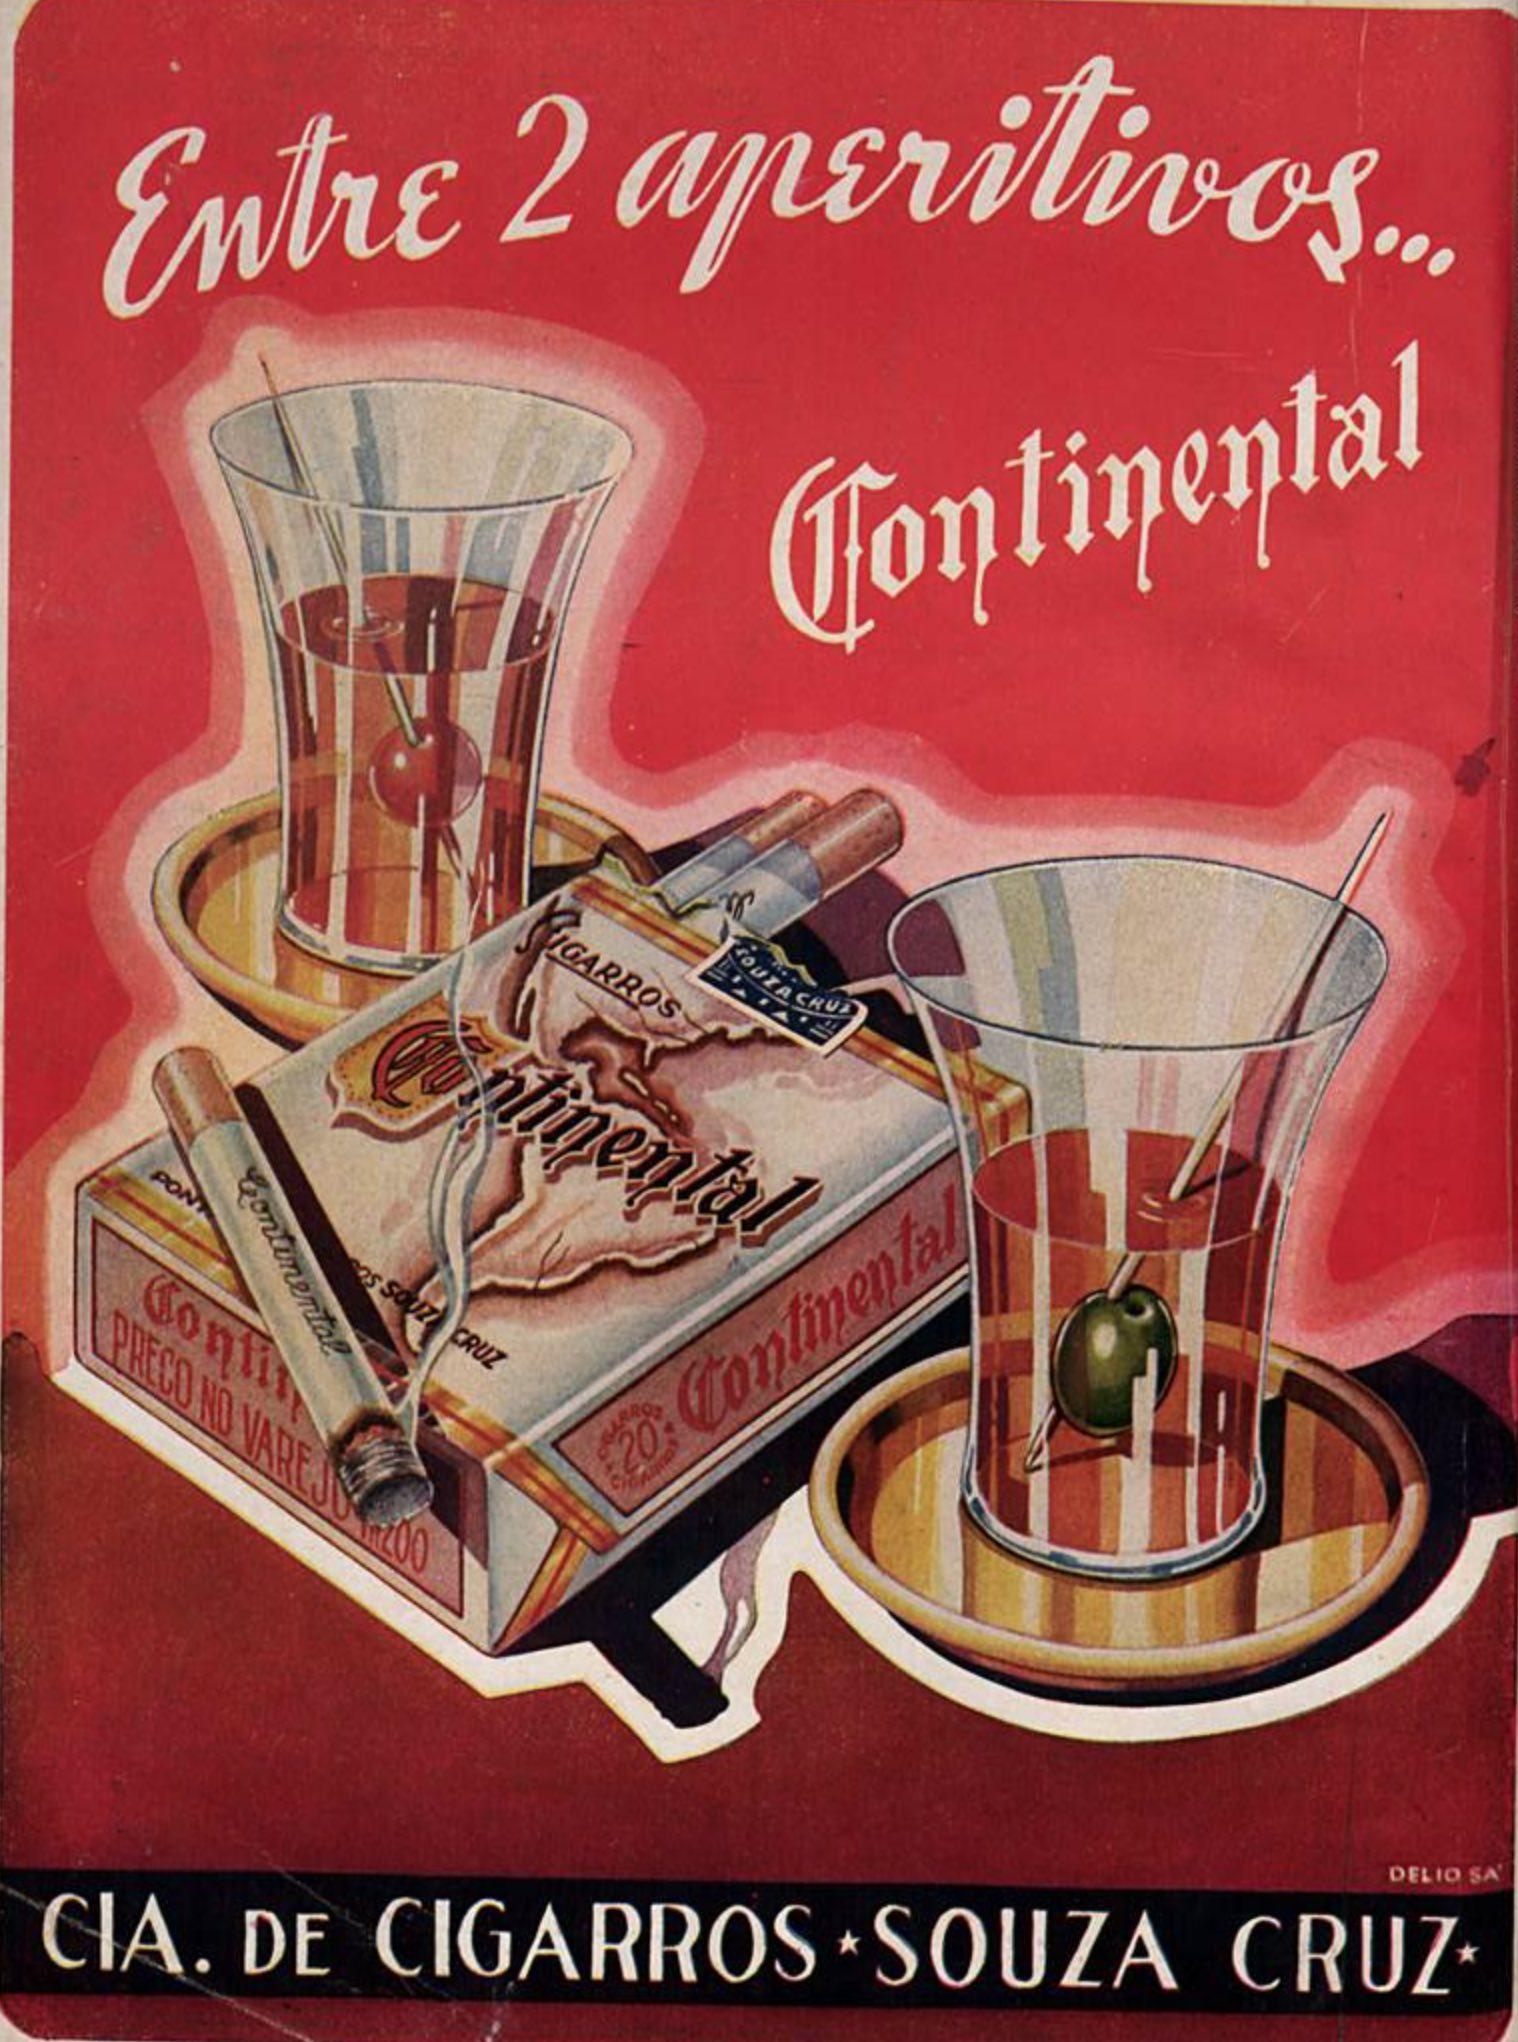 Anúncio dos Cigarros Continental em 1942 associando o cigarro ao lazer